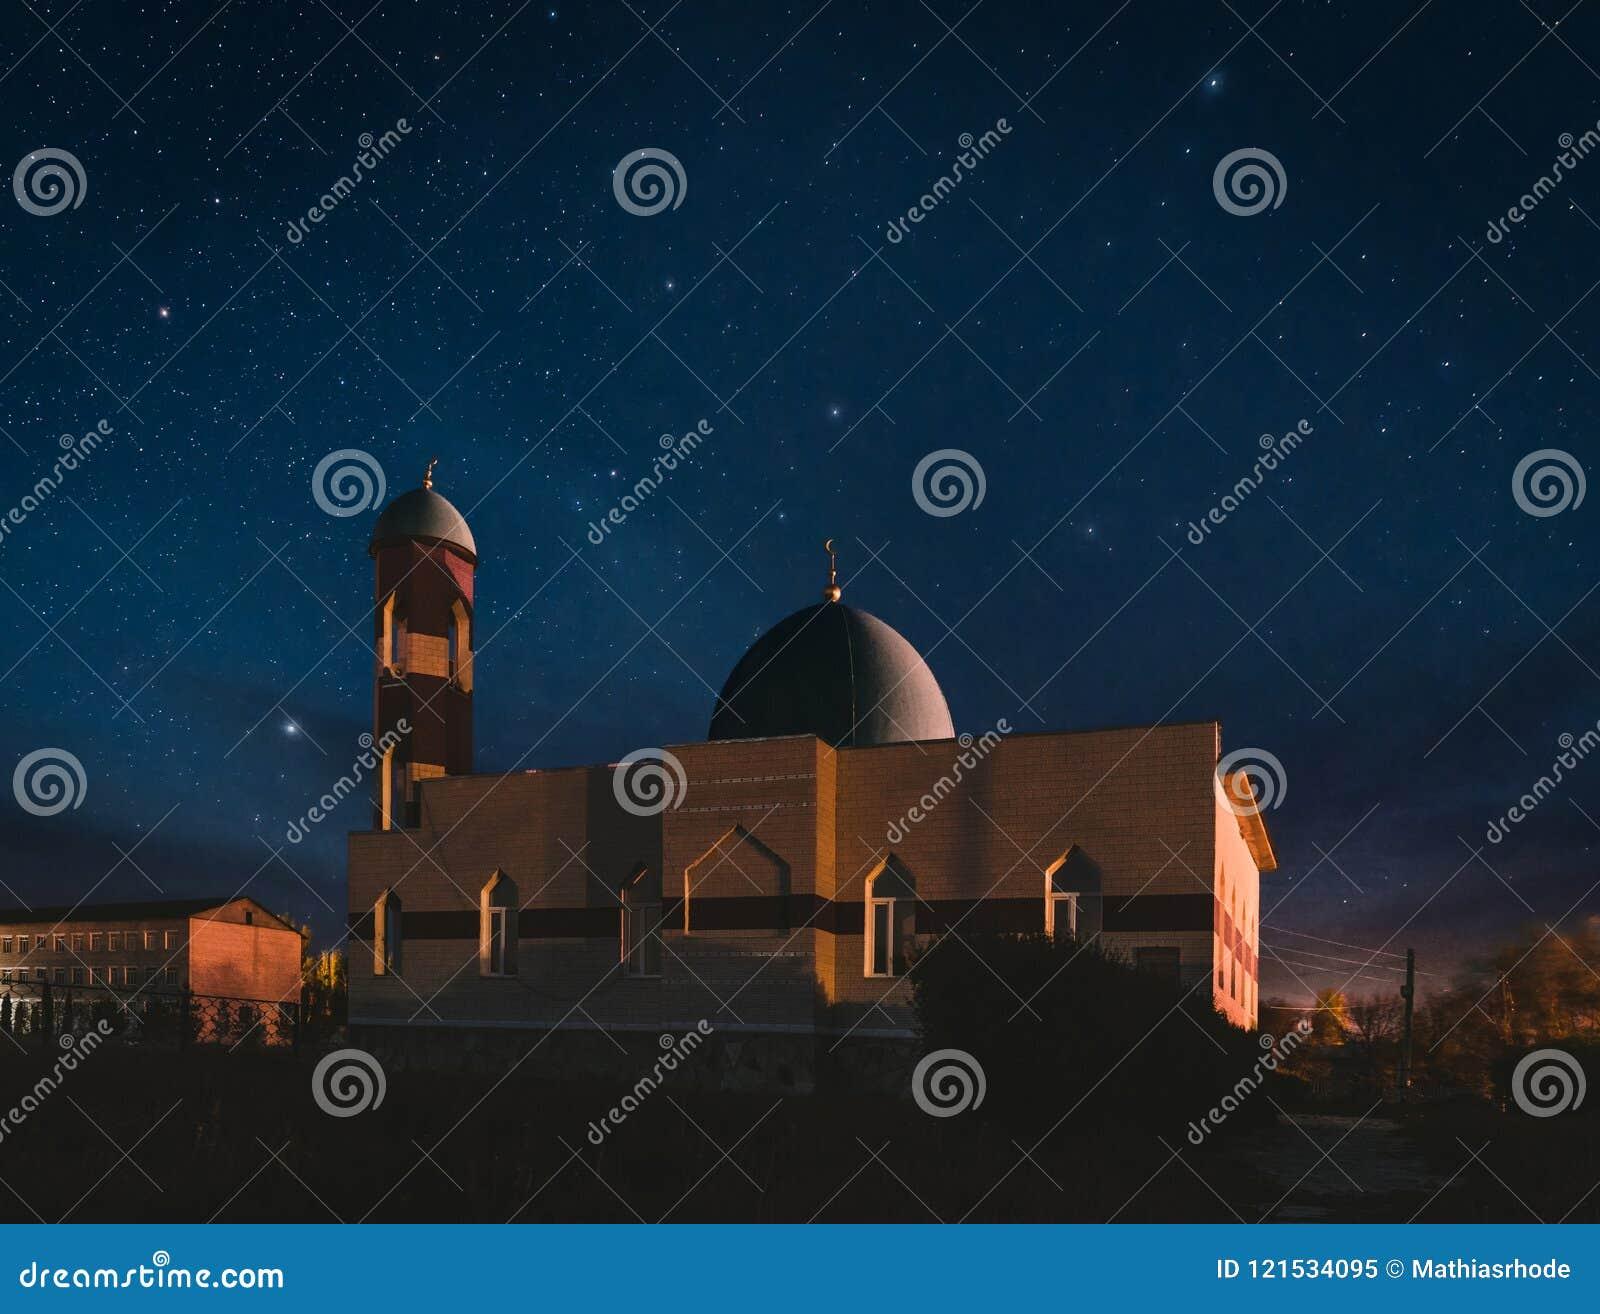 Mosquée lumineuse à la nuit avec le ciel et les étoiles fantastiques